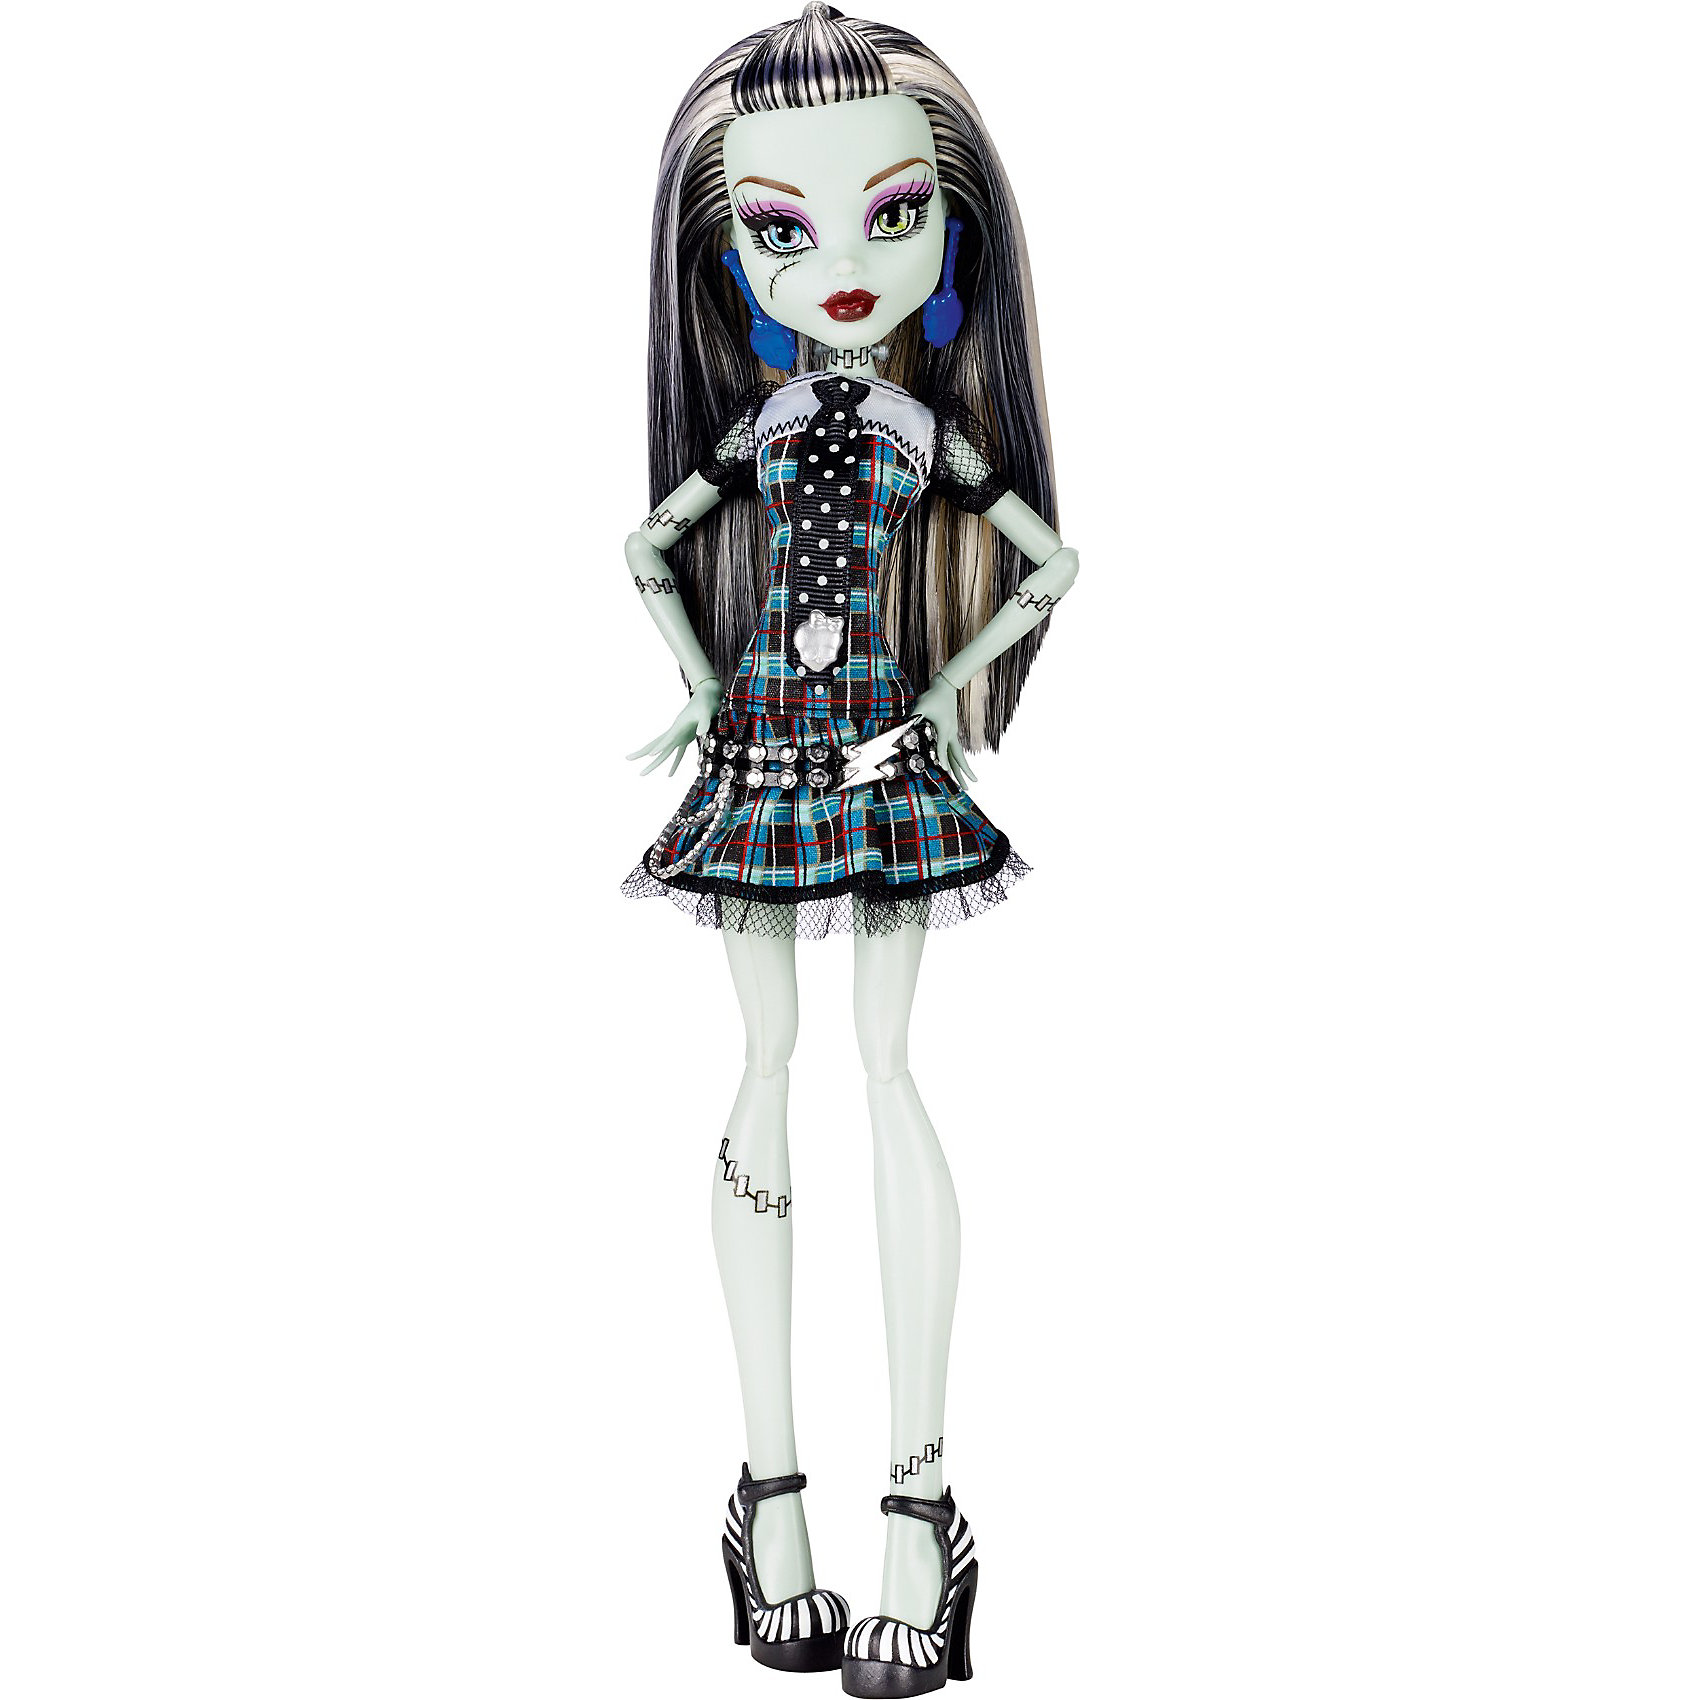 Кукла Френки Штейн Главные герои навсегда, Monster High